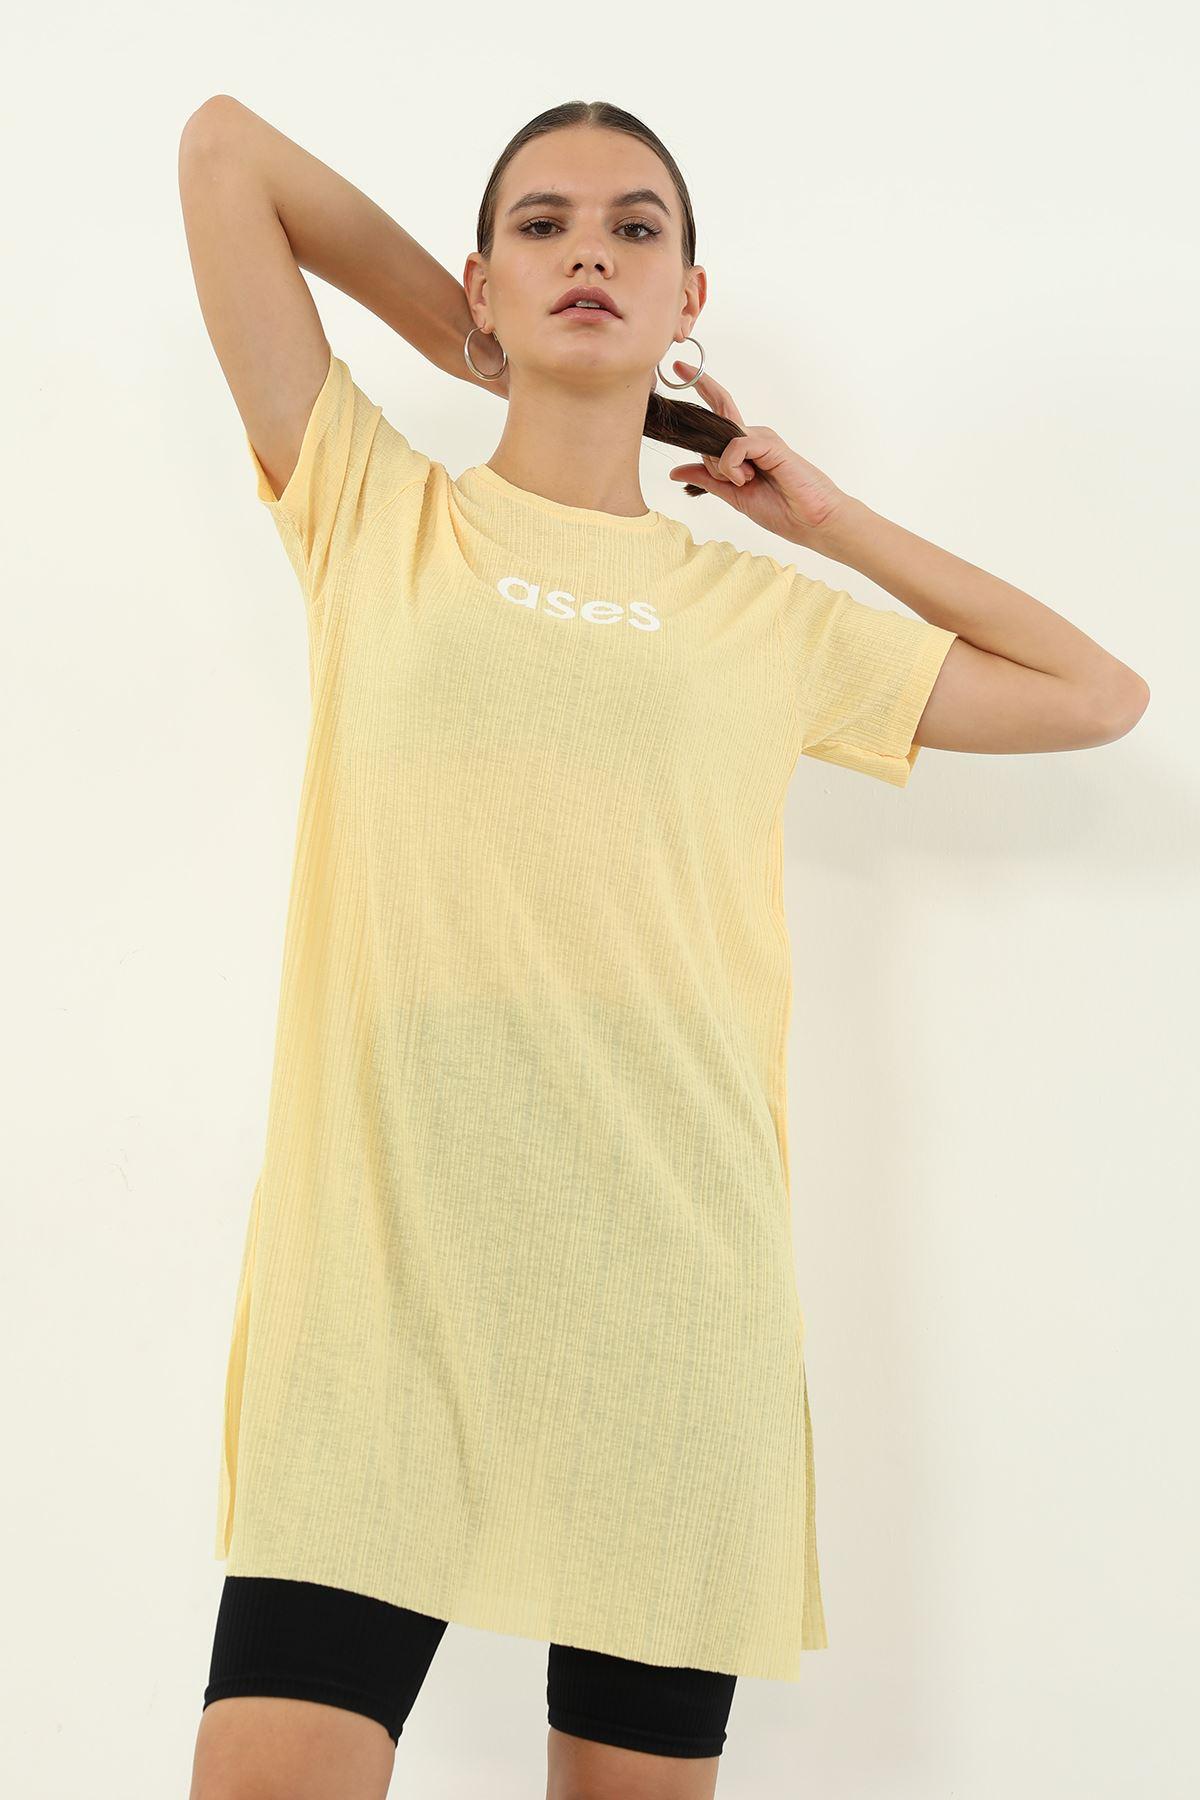 Ases Baskılı T-shirt-Sarı